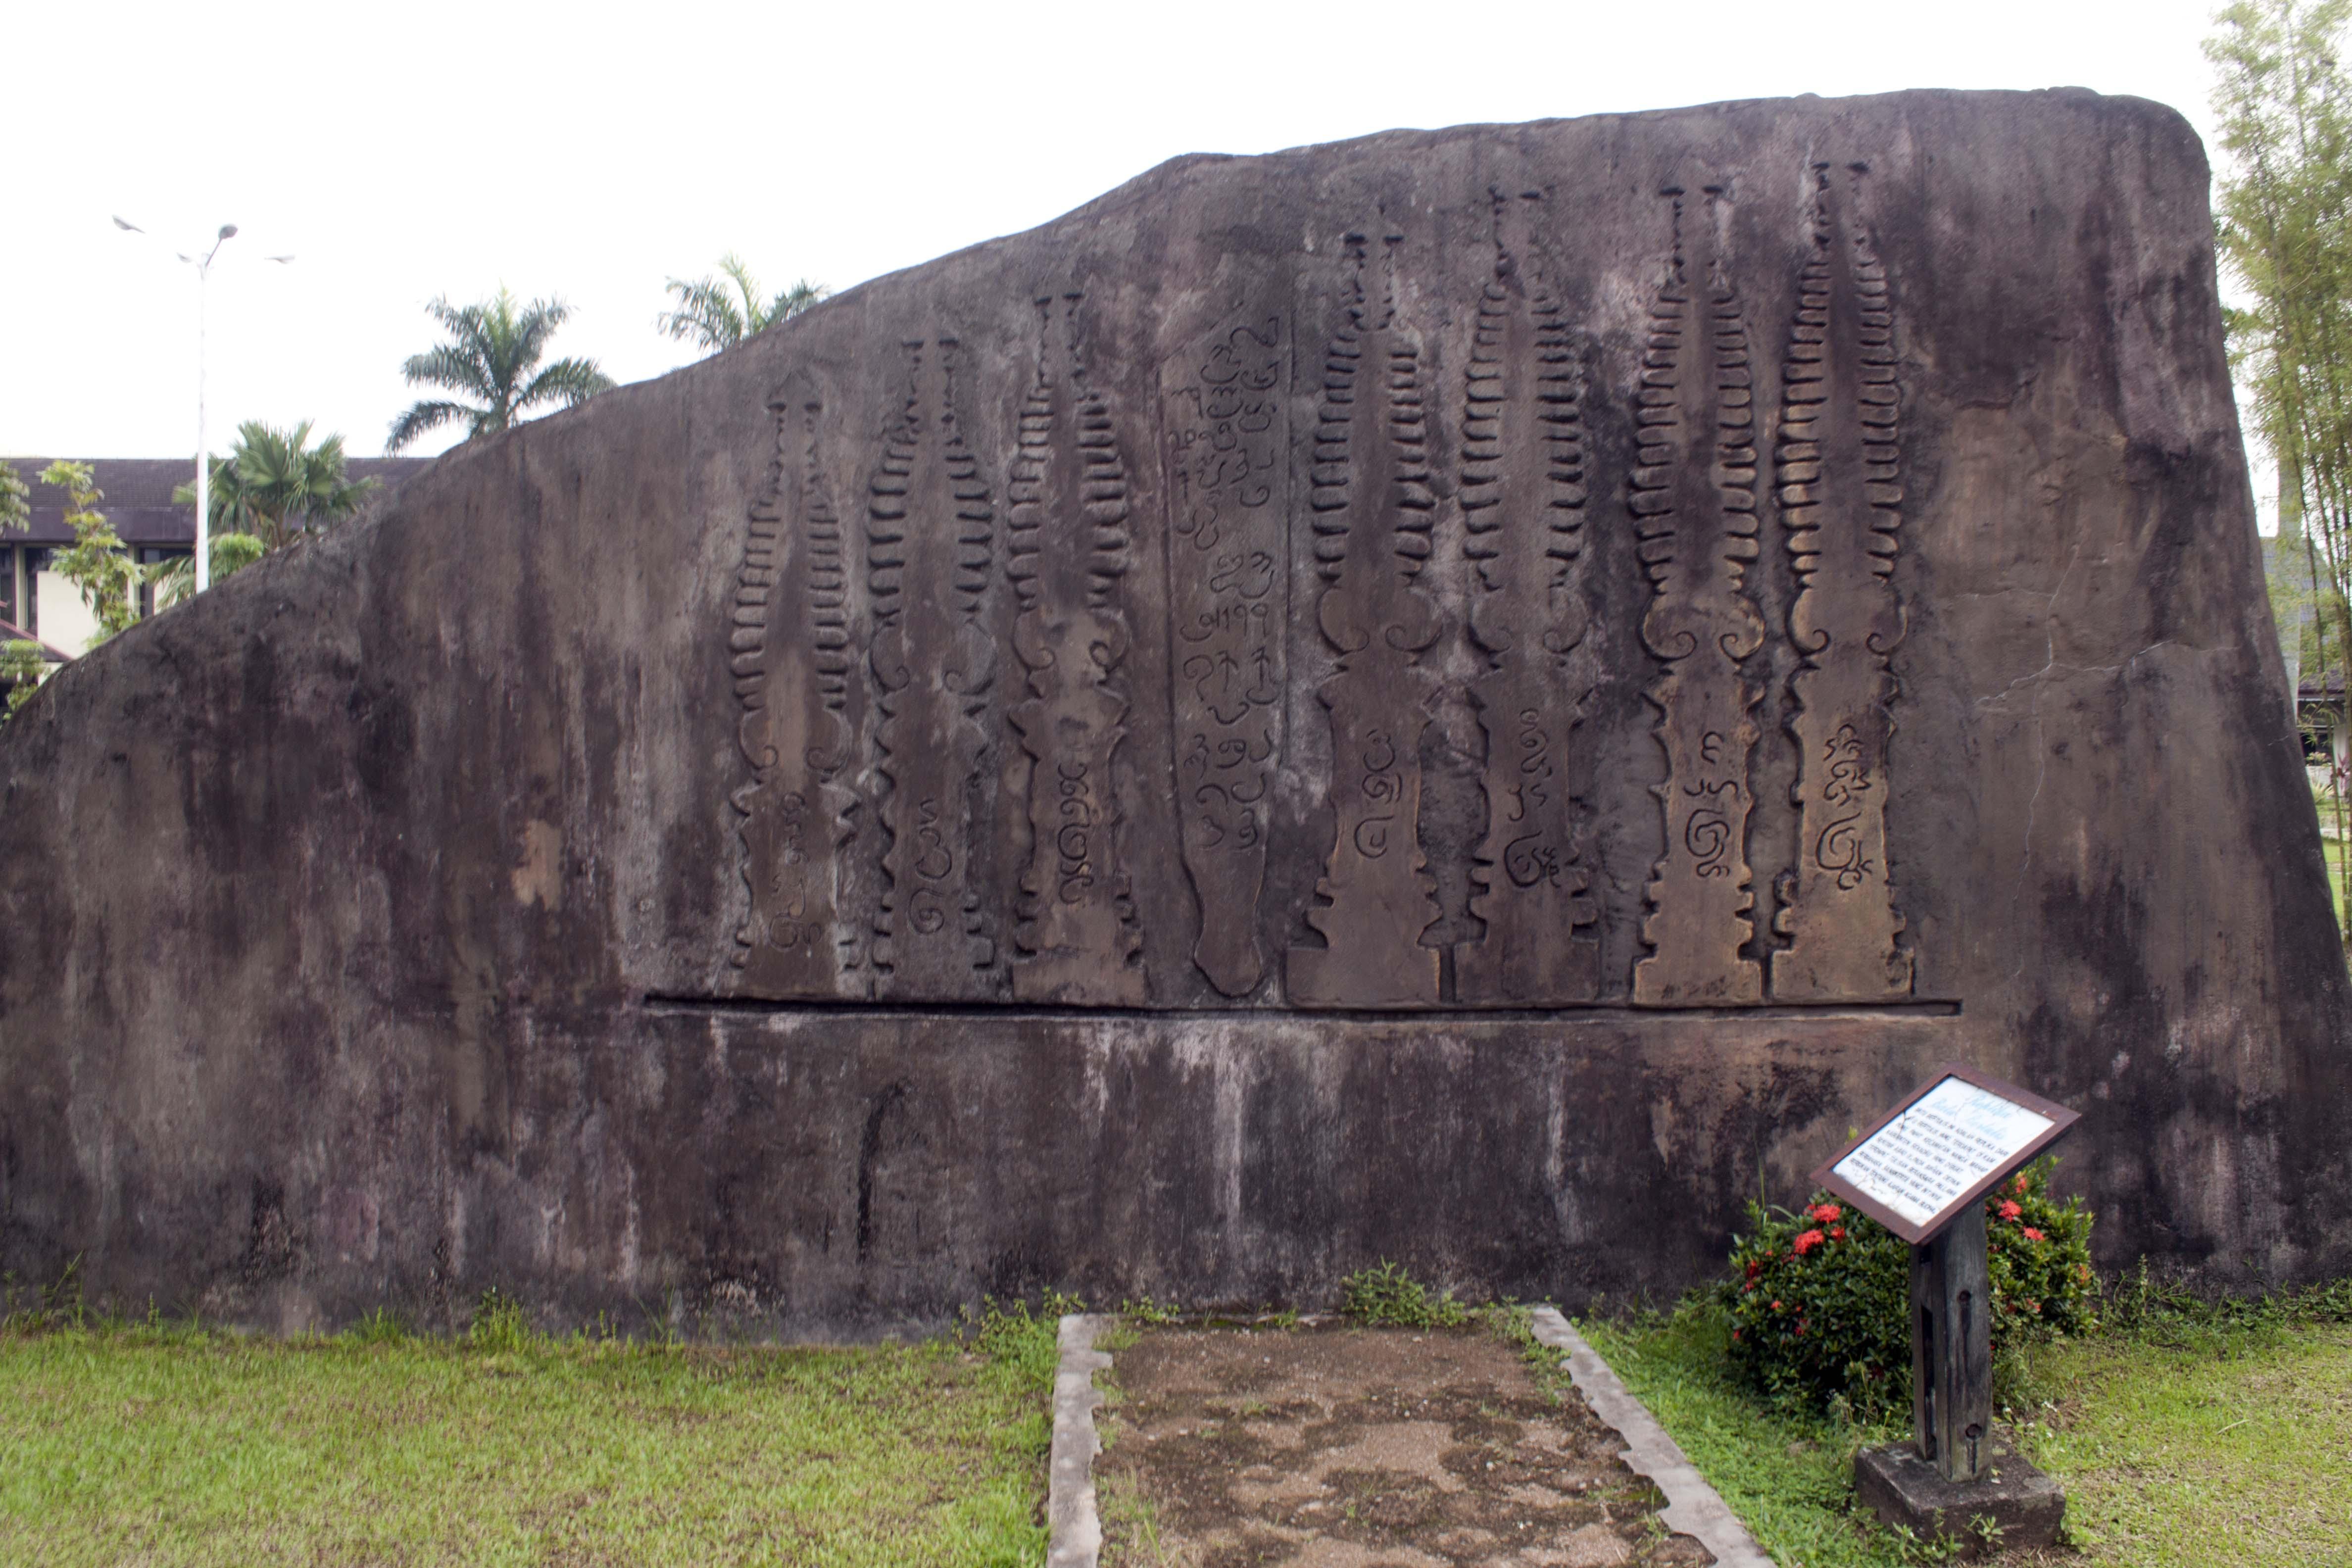 Museum Kalimantan Barat 2 Sotong Pangkong Replika Bertulis Nanga Mahap